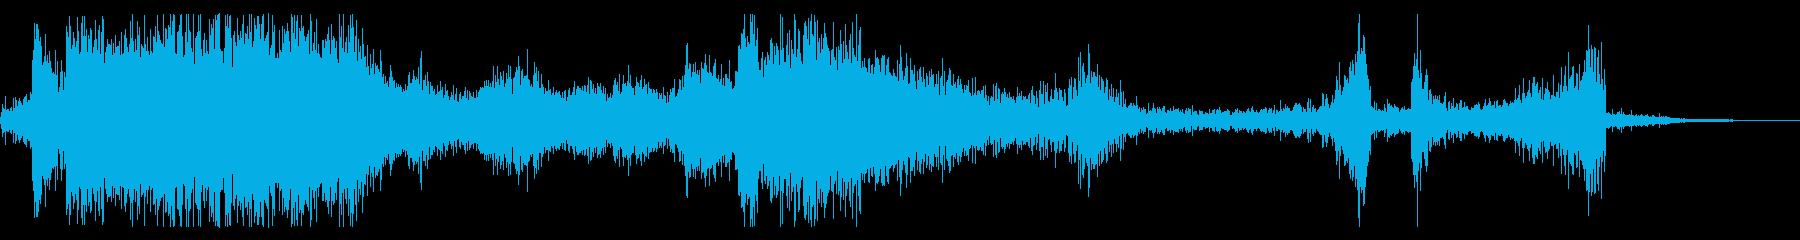 メタルワープ、スチールケーブルのピ...の再生済みの波形